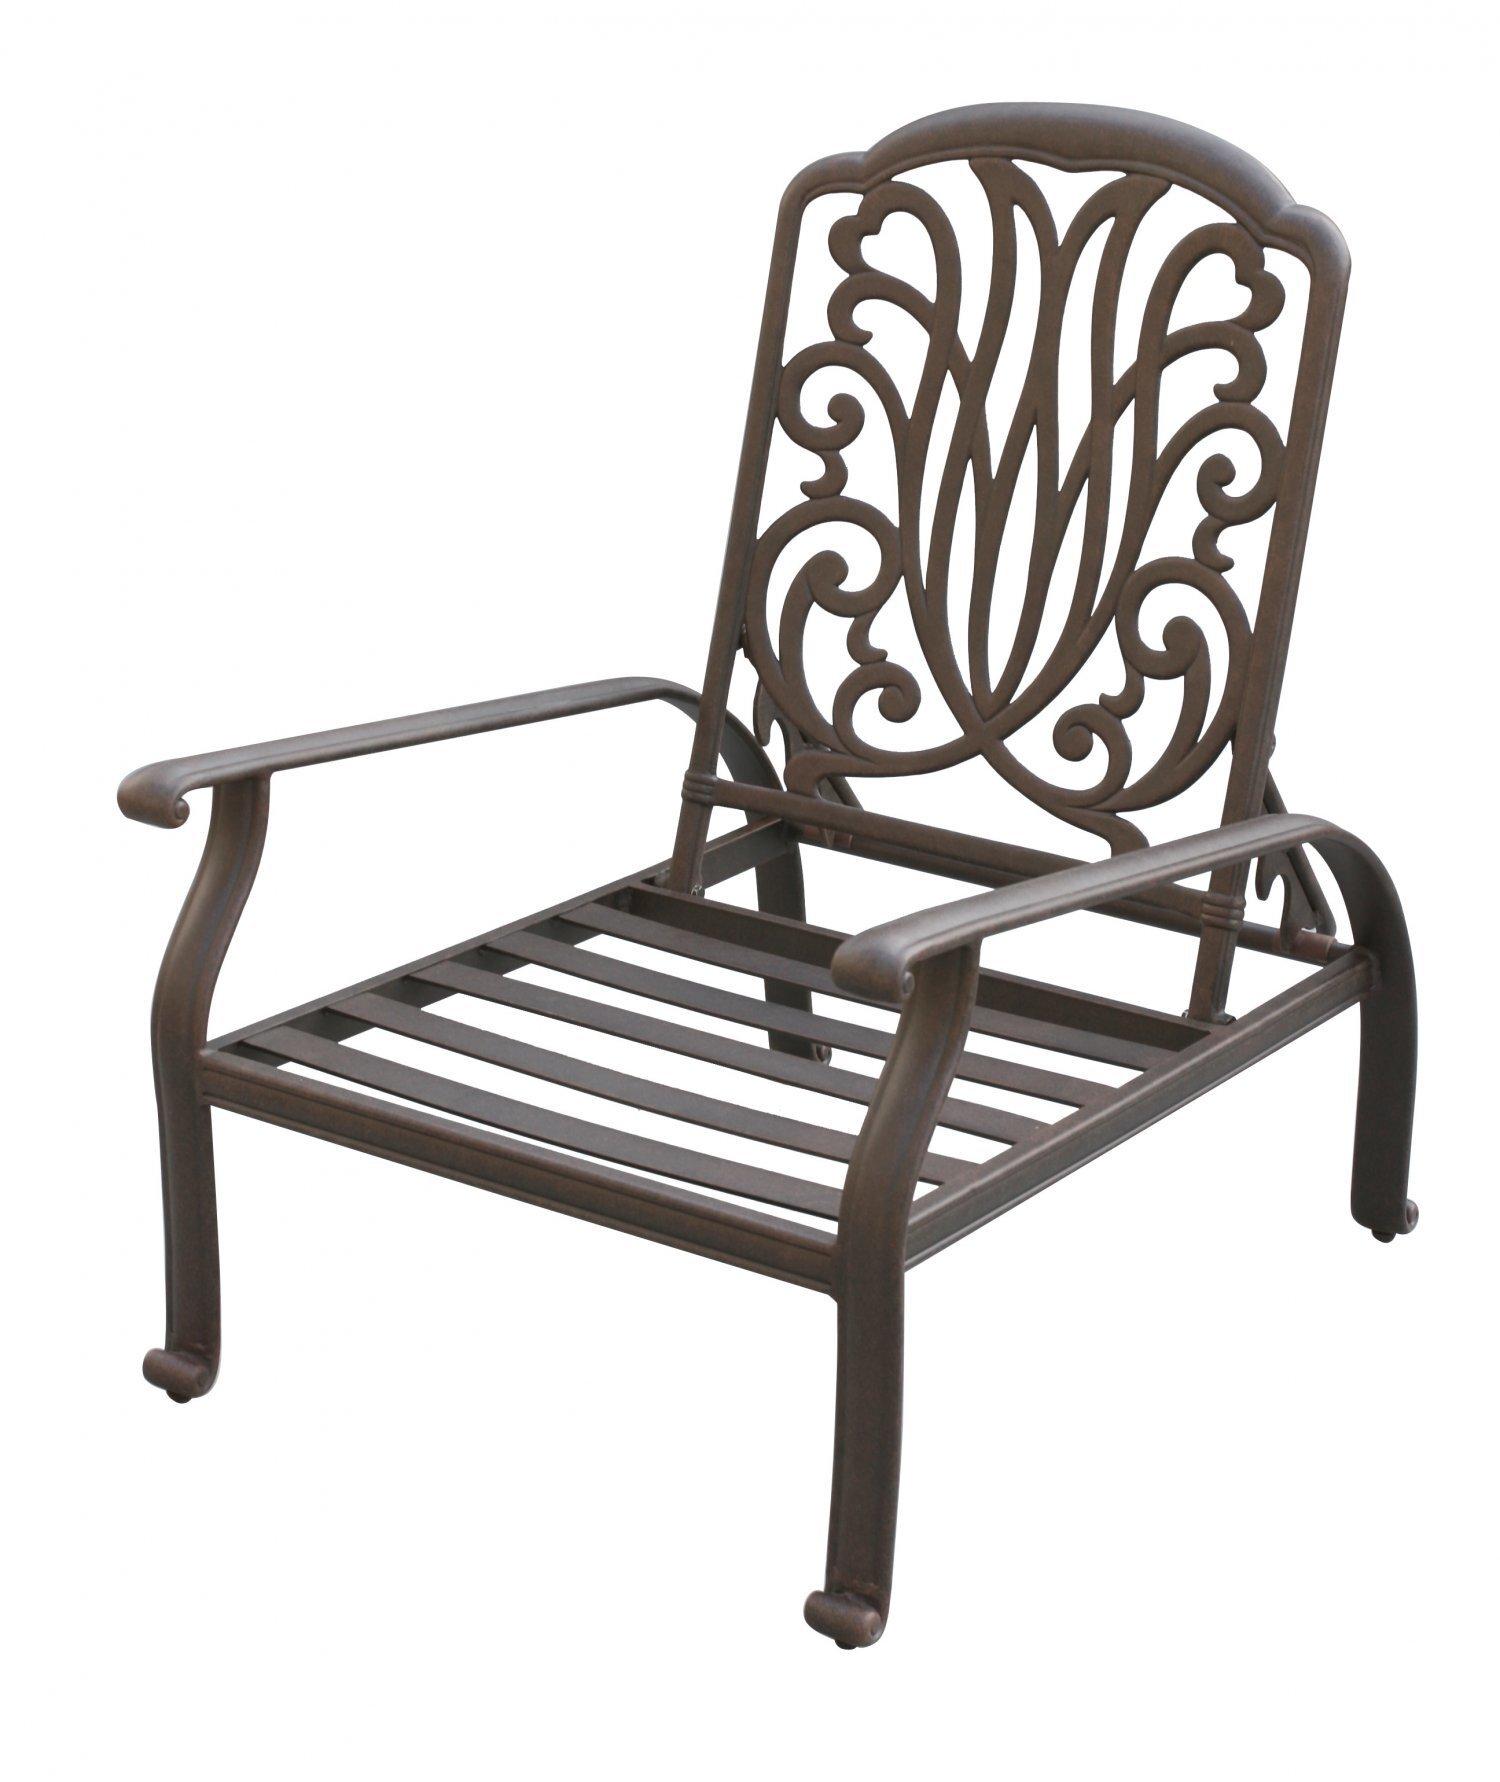 Кованая мебель - фото кованое кресло